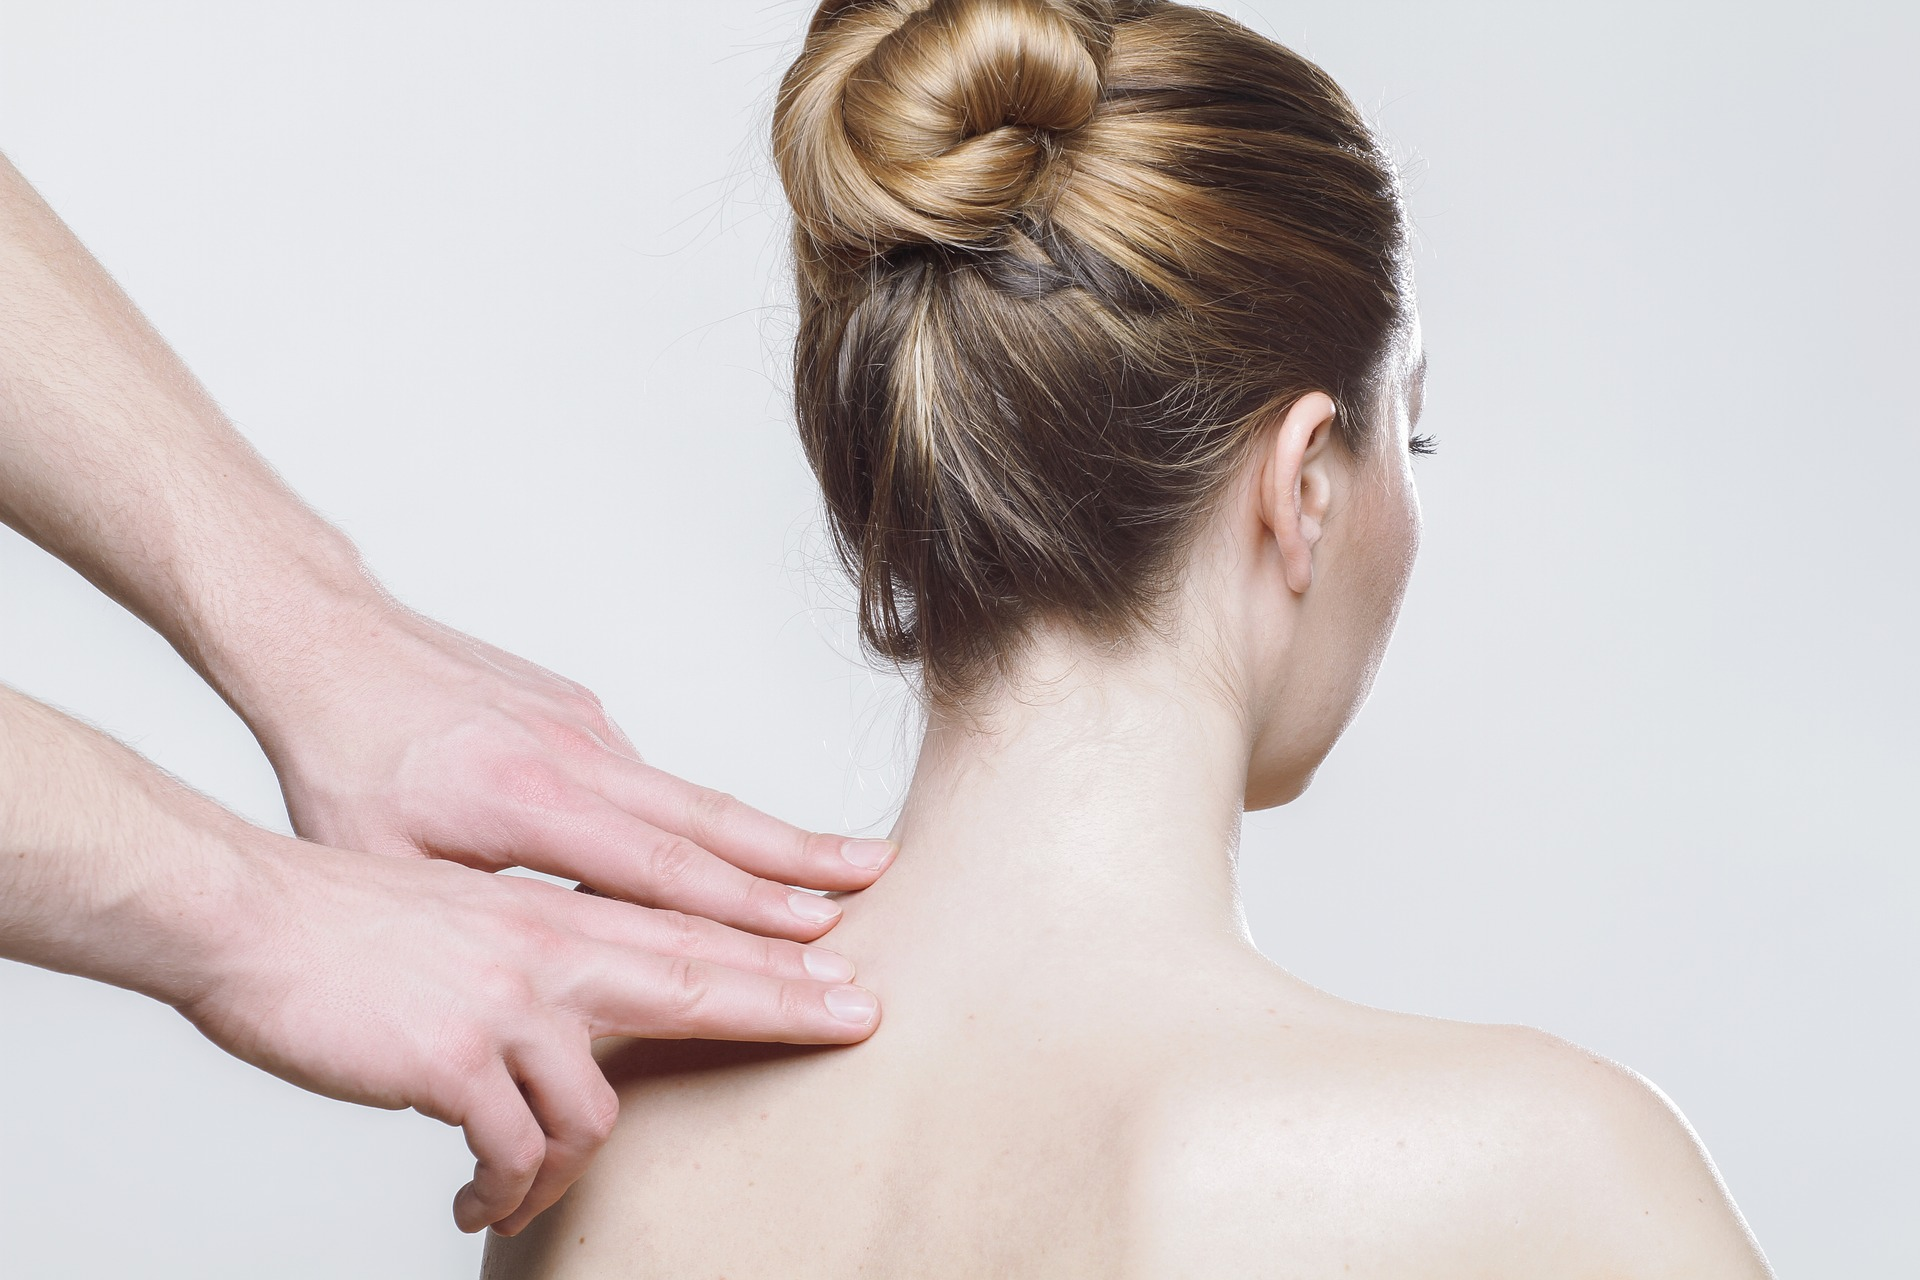 Dlaczego kursy fizjoterapeutyczne są takie ważne?